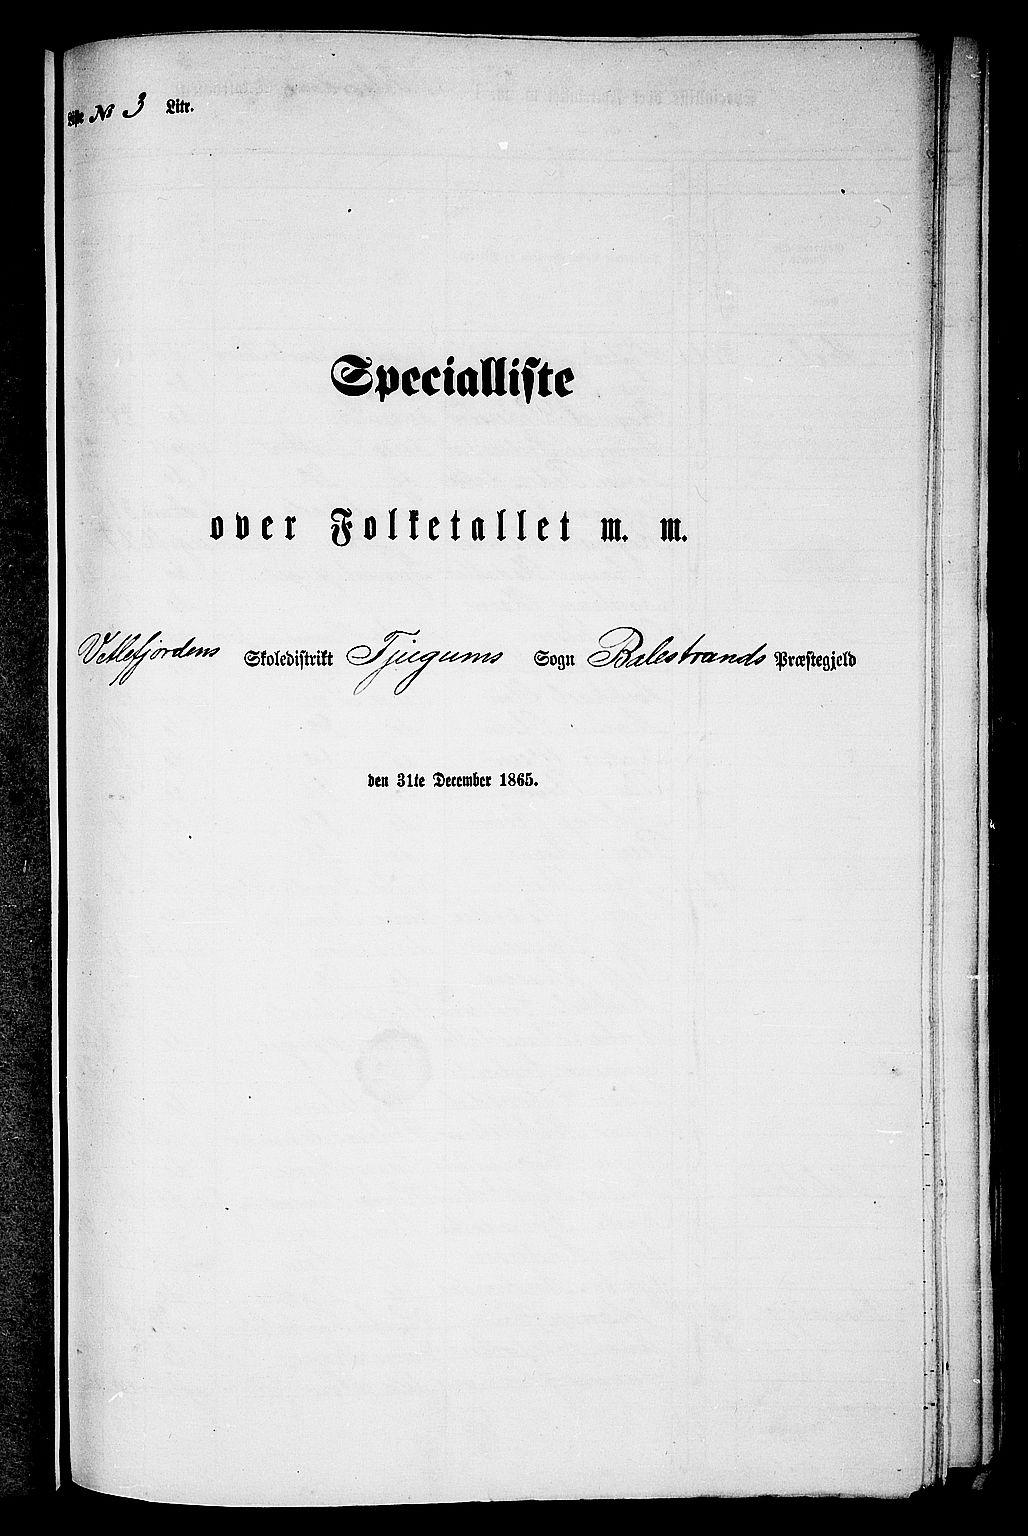 RA, Folketelling 1865 for 1418P Balestrand prestegjeld, 1865, s. 37